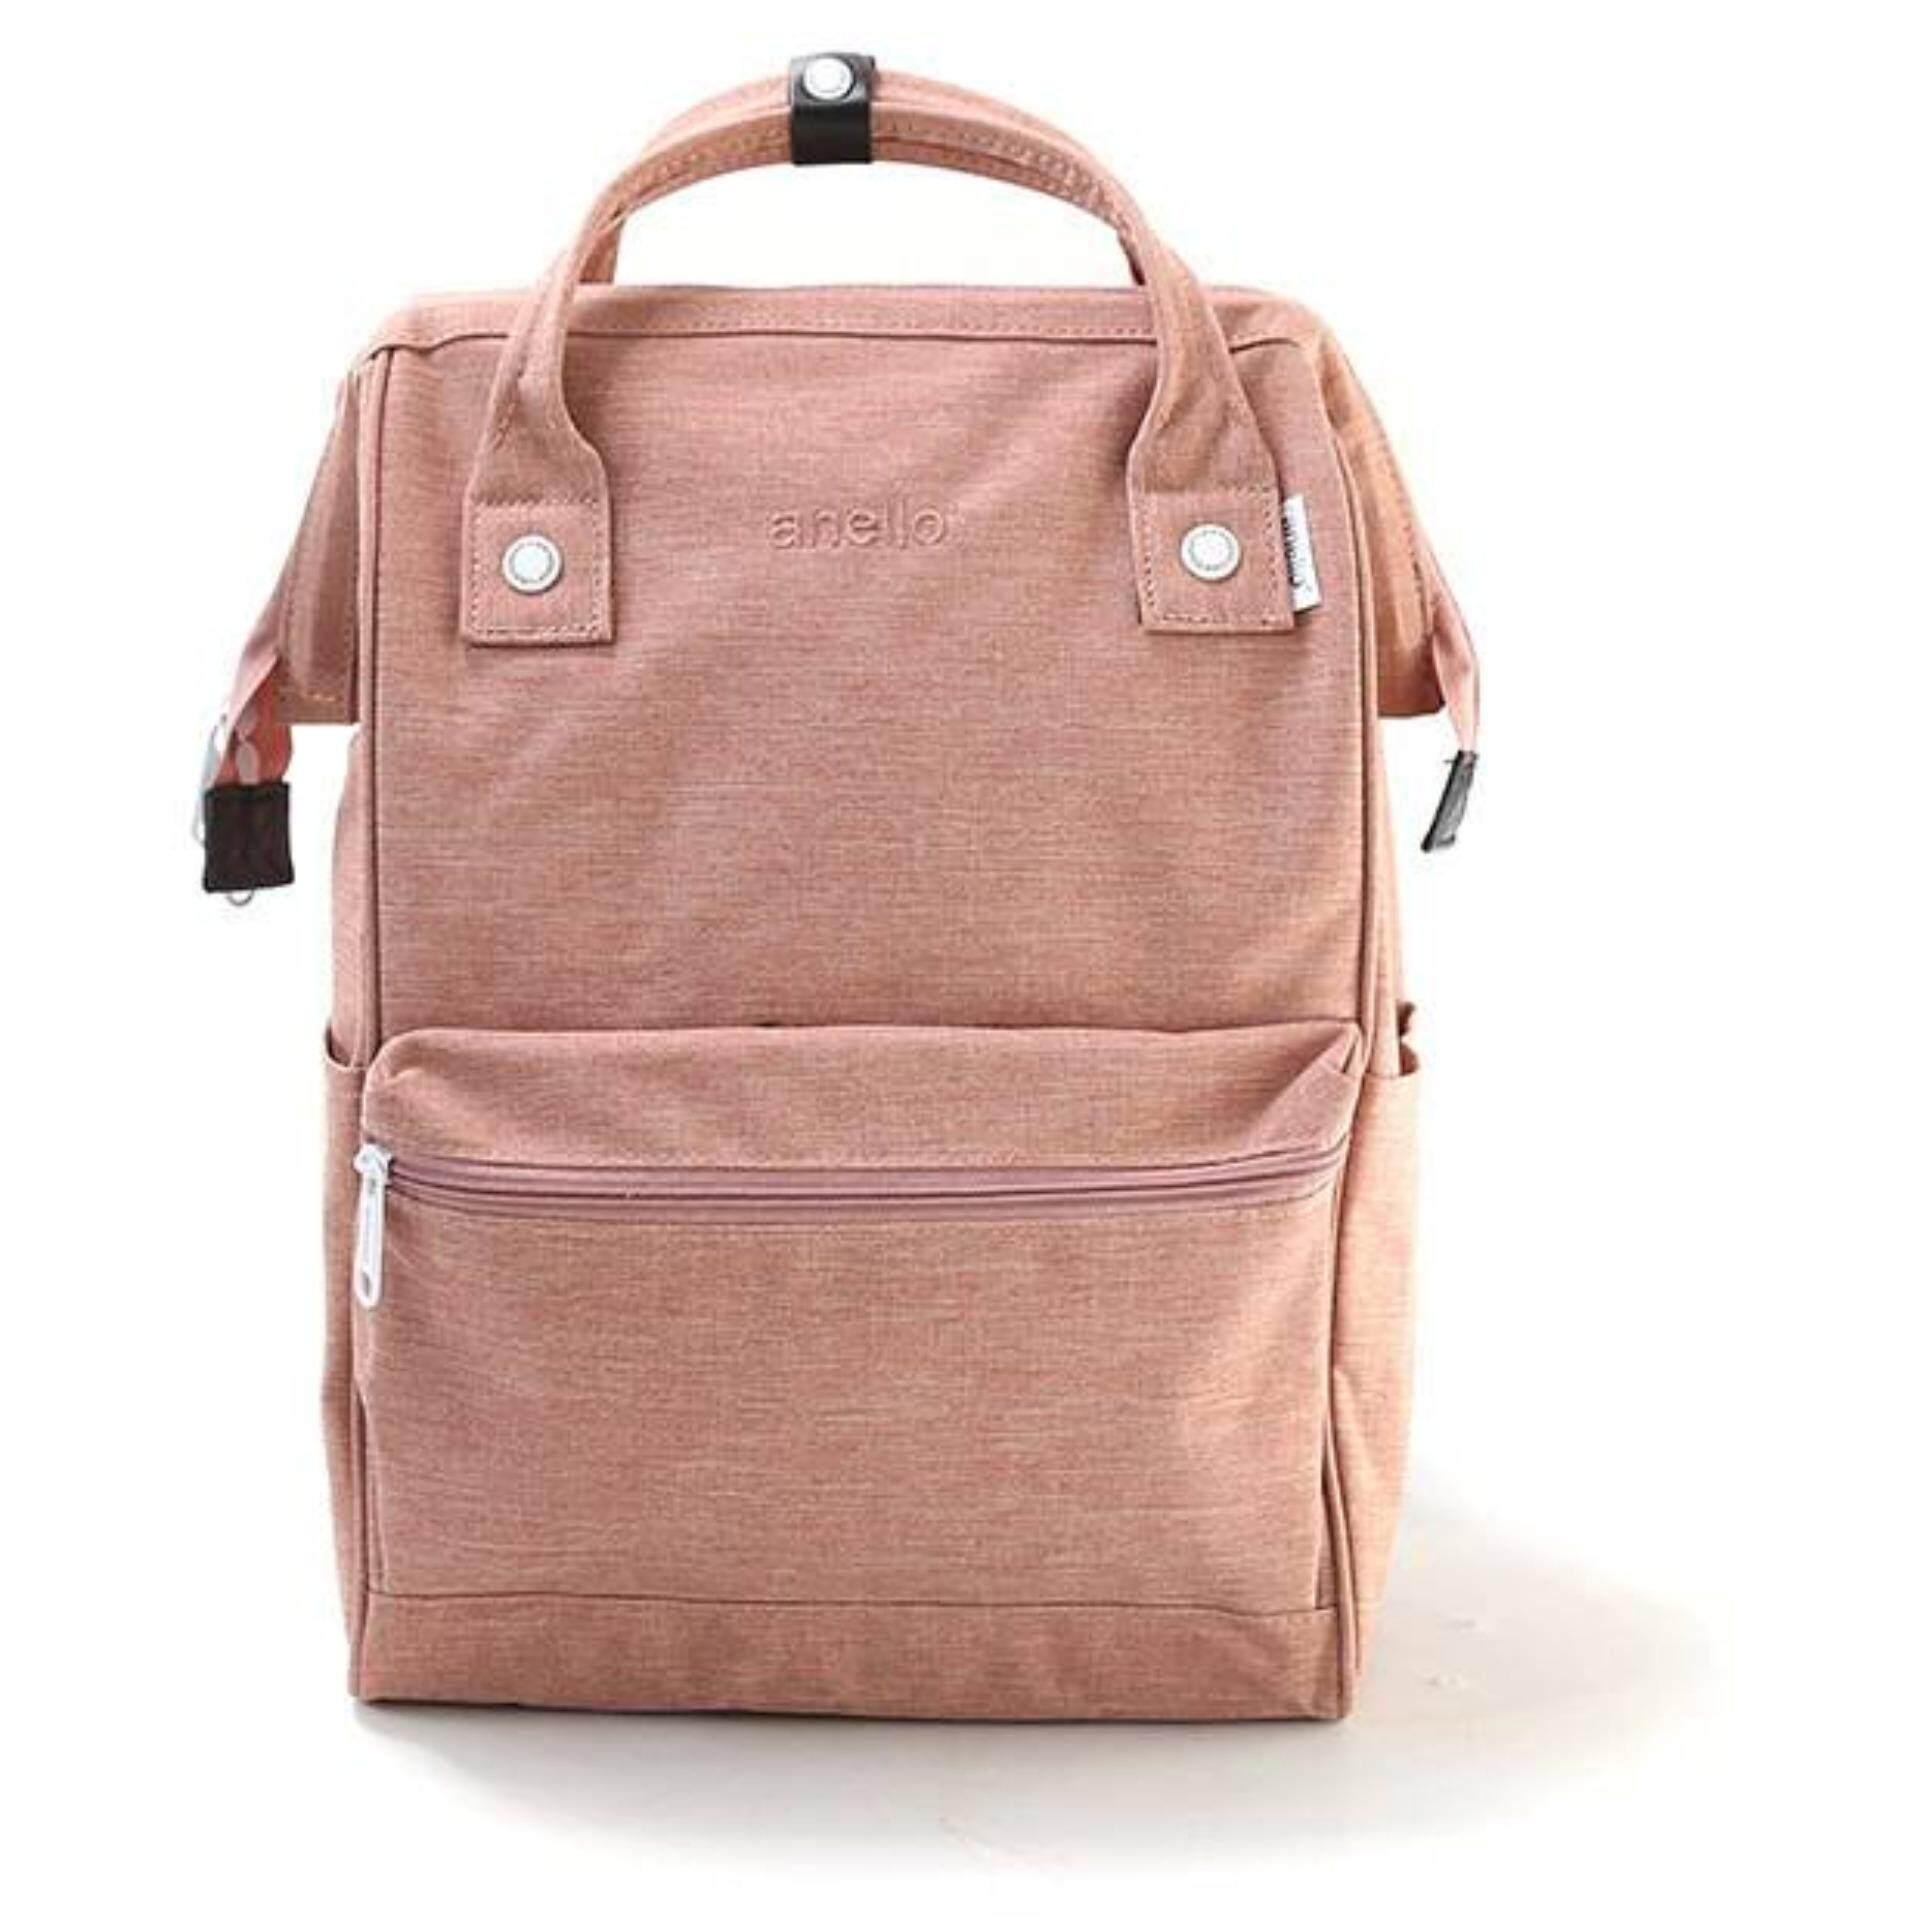 การใช้งาน  แม่ฮ่องสอน Anello Regular Backpack-Heat Tone ชมพู